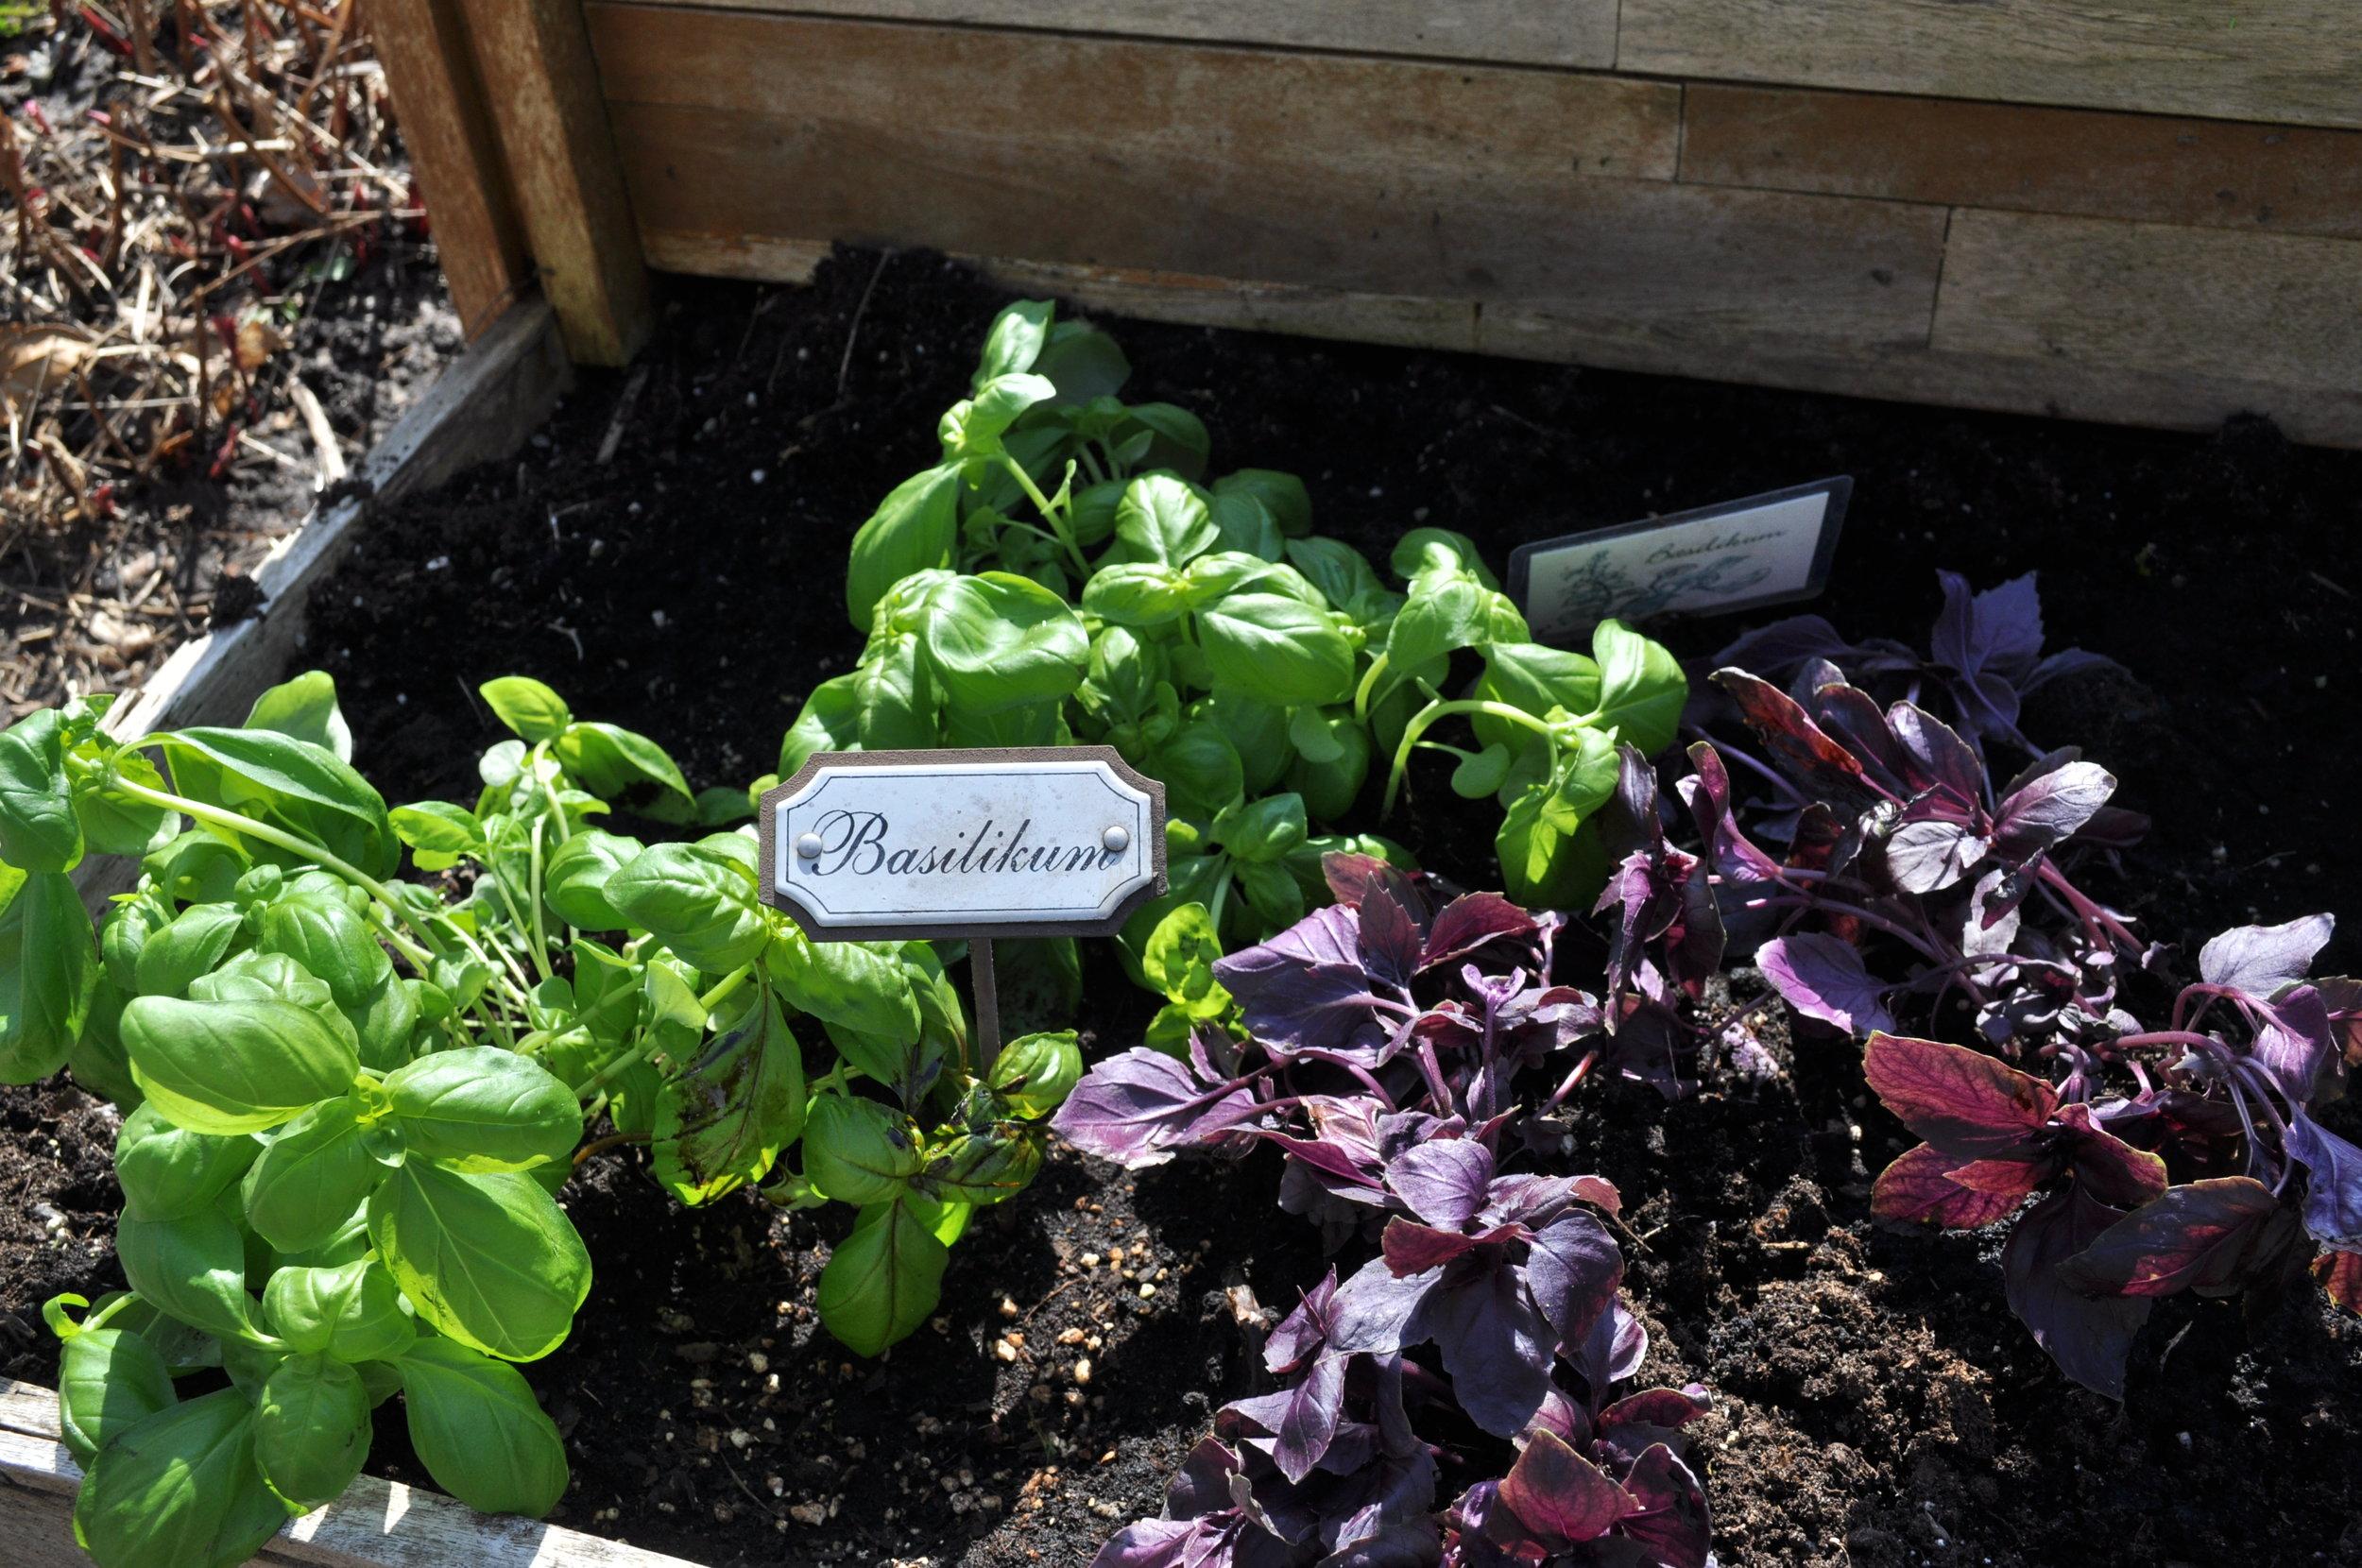 Grüner Basilikum und Roter Basilikum ... nicht nur für Bruschetta, auch für selbstgemachtes Pesto bestens geeignet .